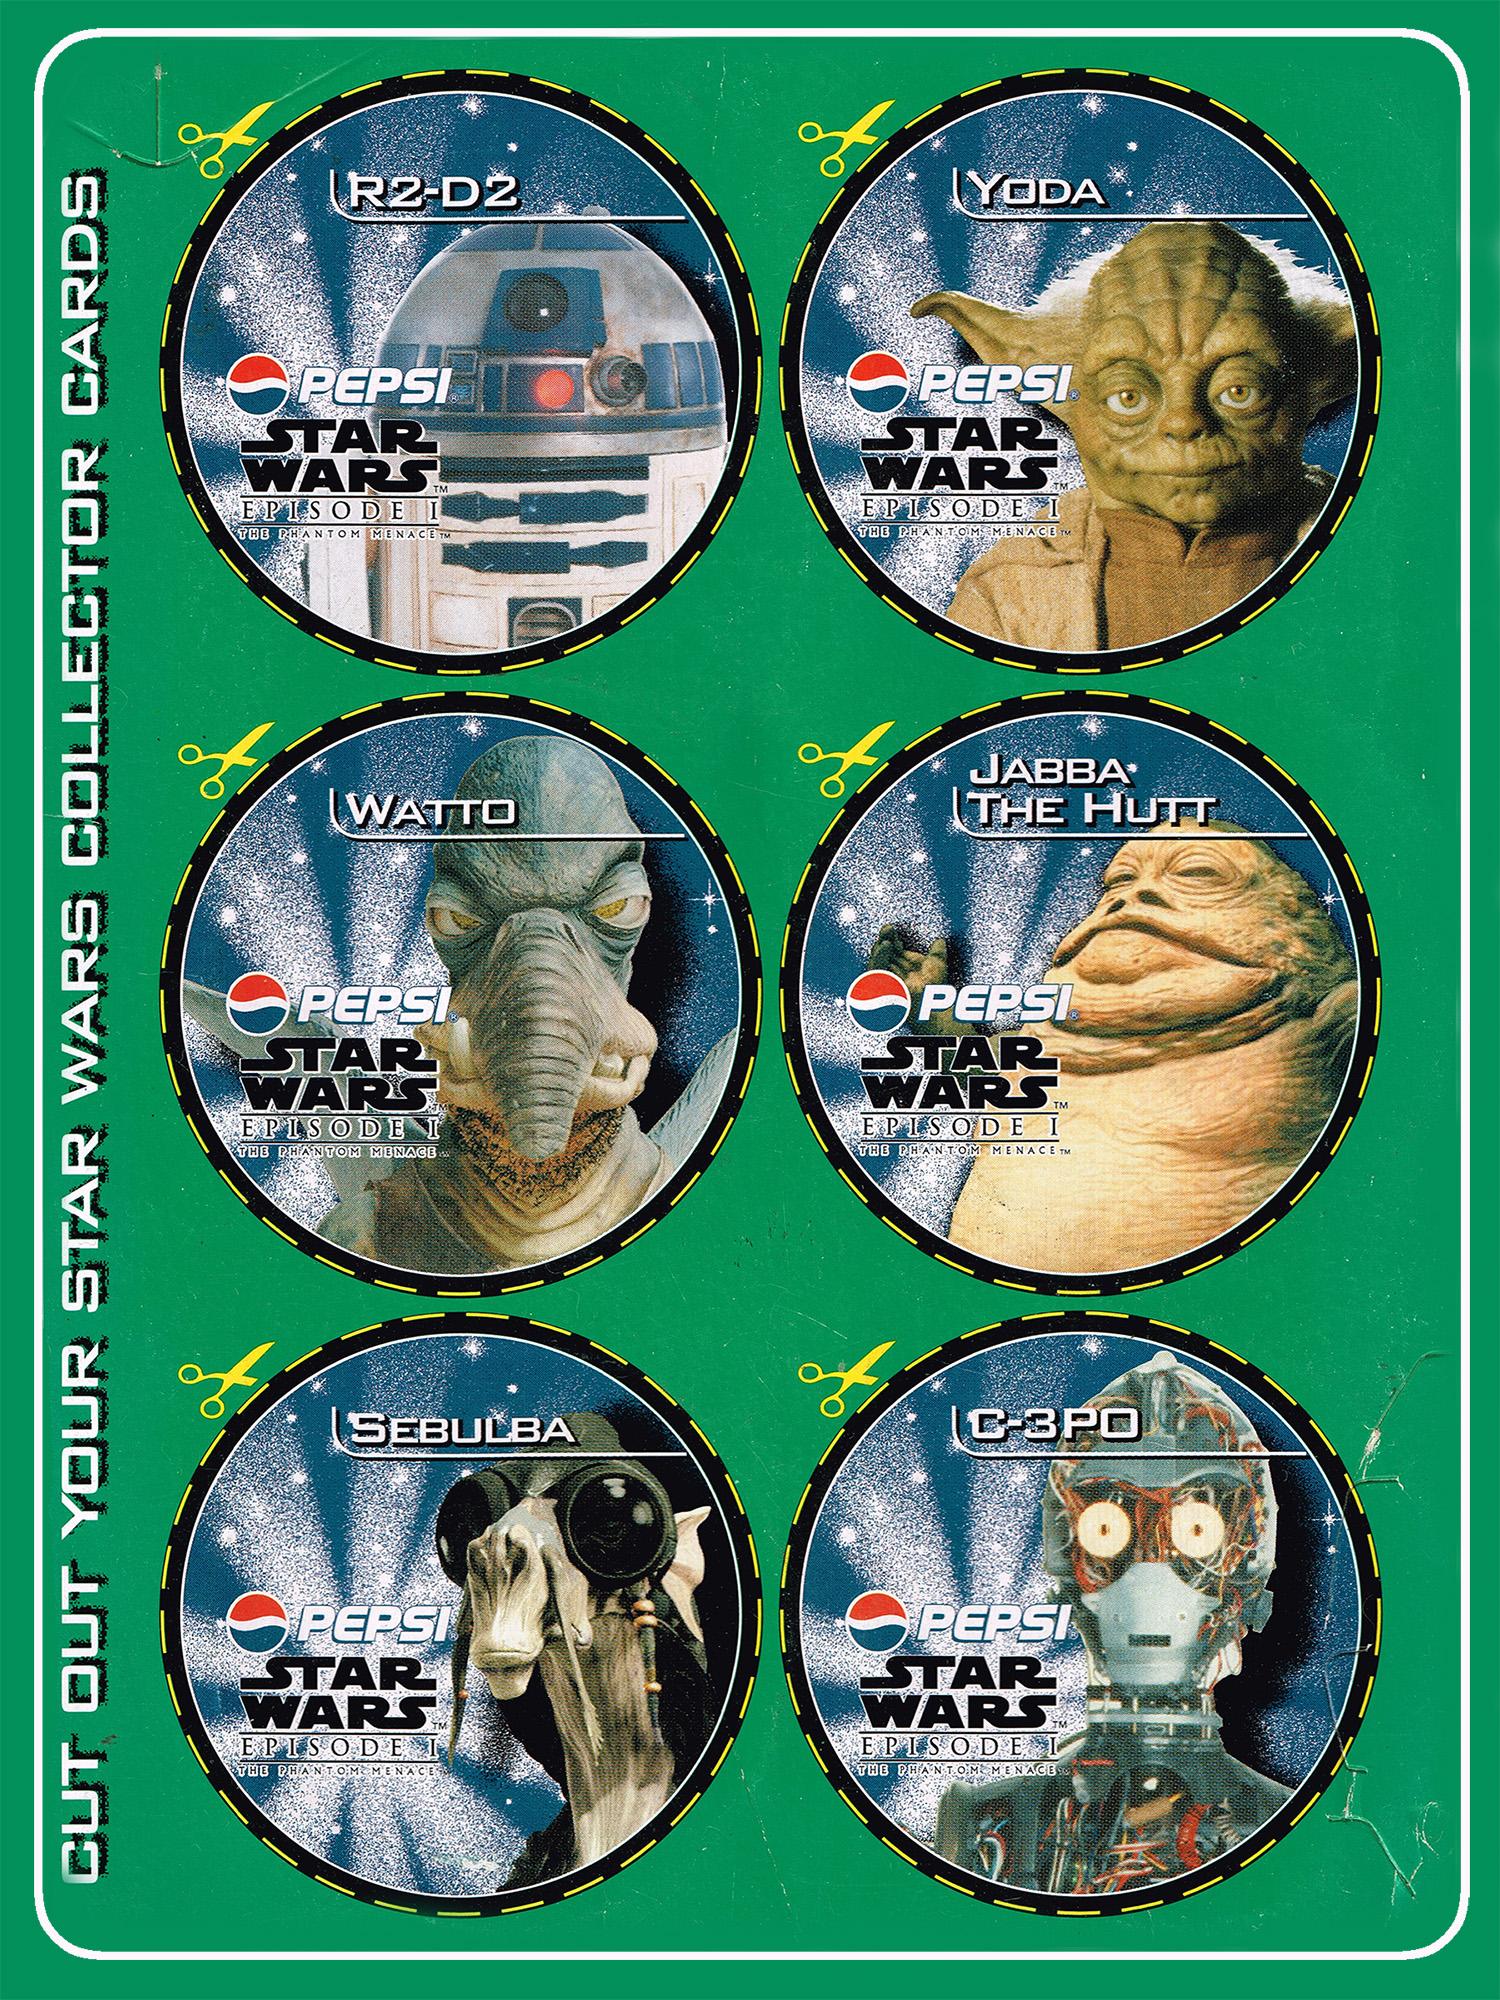 Mountain Dew Star Wars 12-pack box (NZ, 1999)